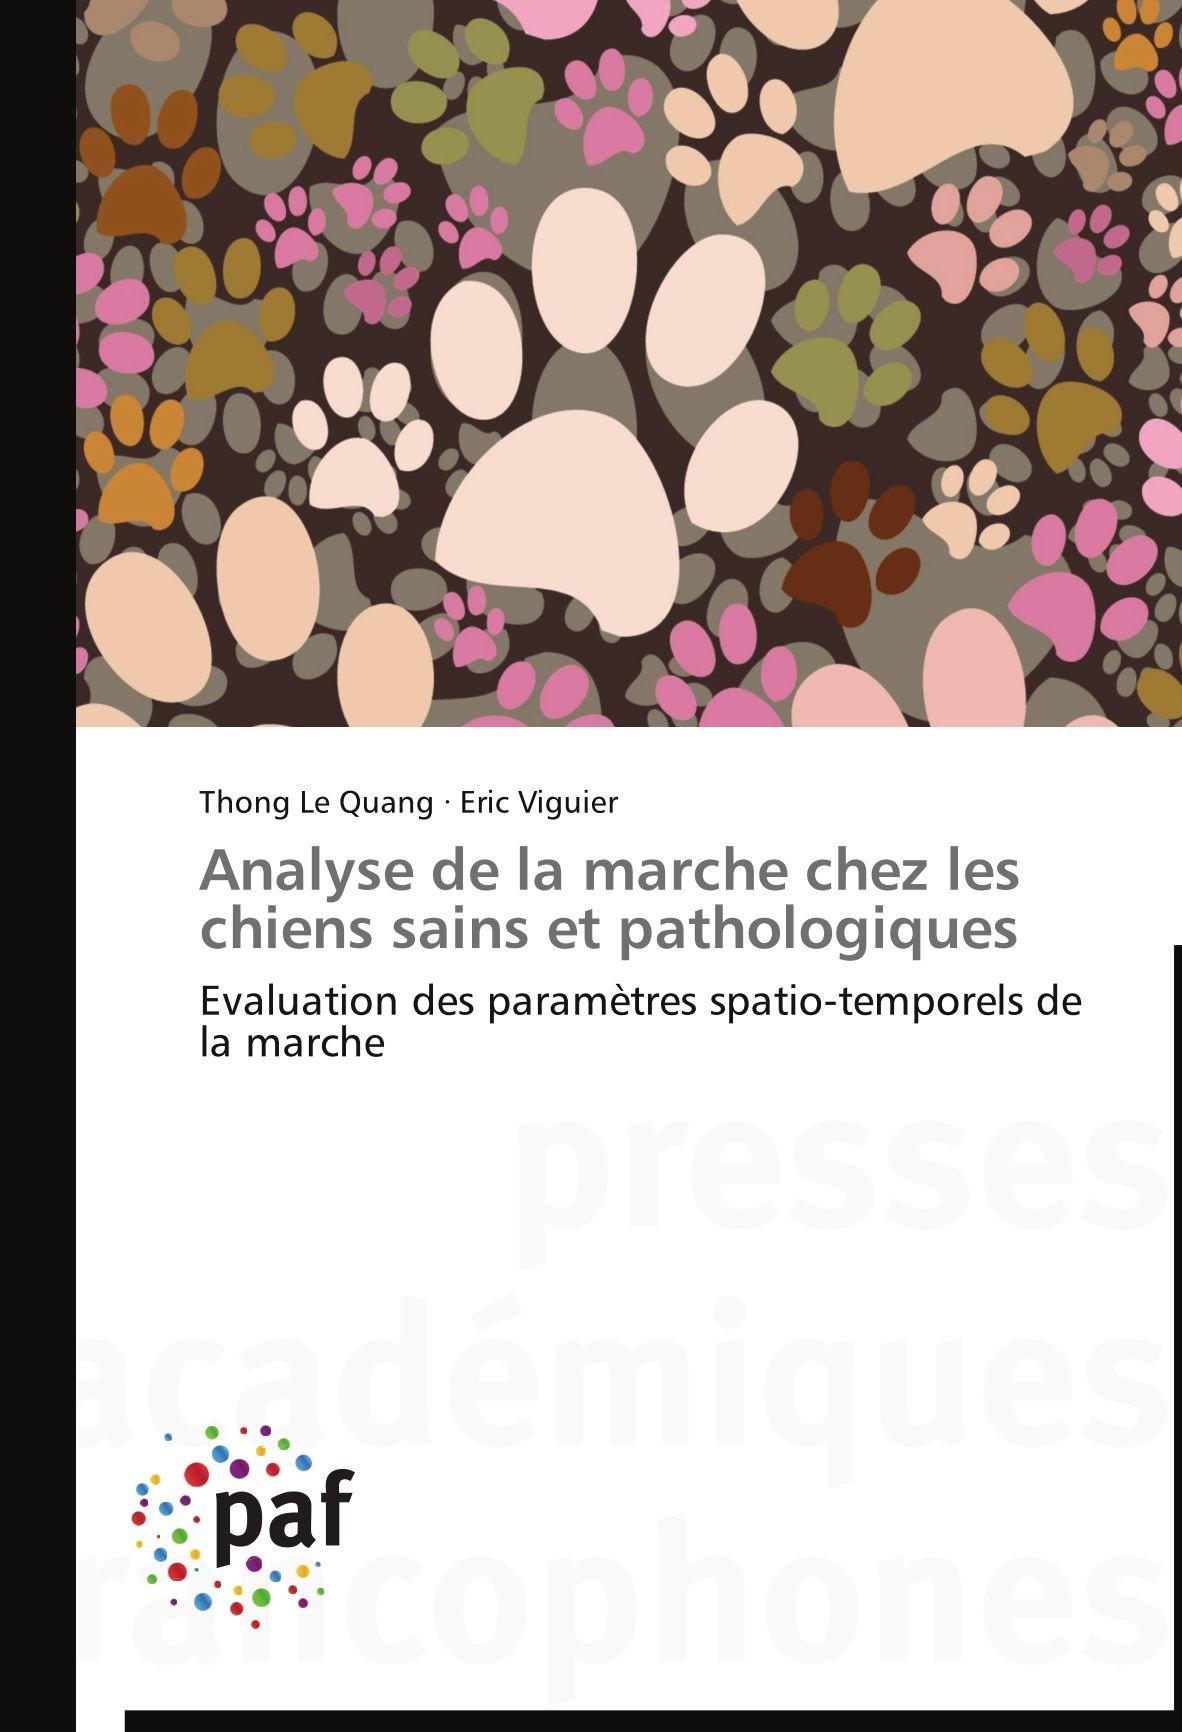 Analyse de la marche chez les chiens sains et pathologiques: Evaluation des paramètres spatio-temporels de la marche